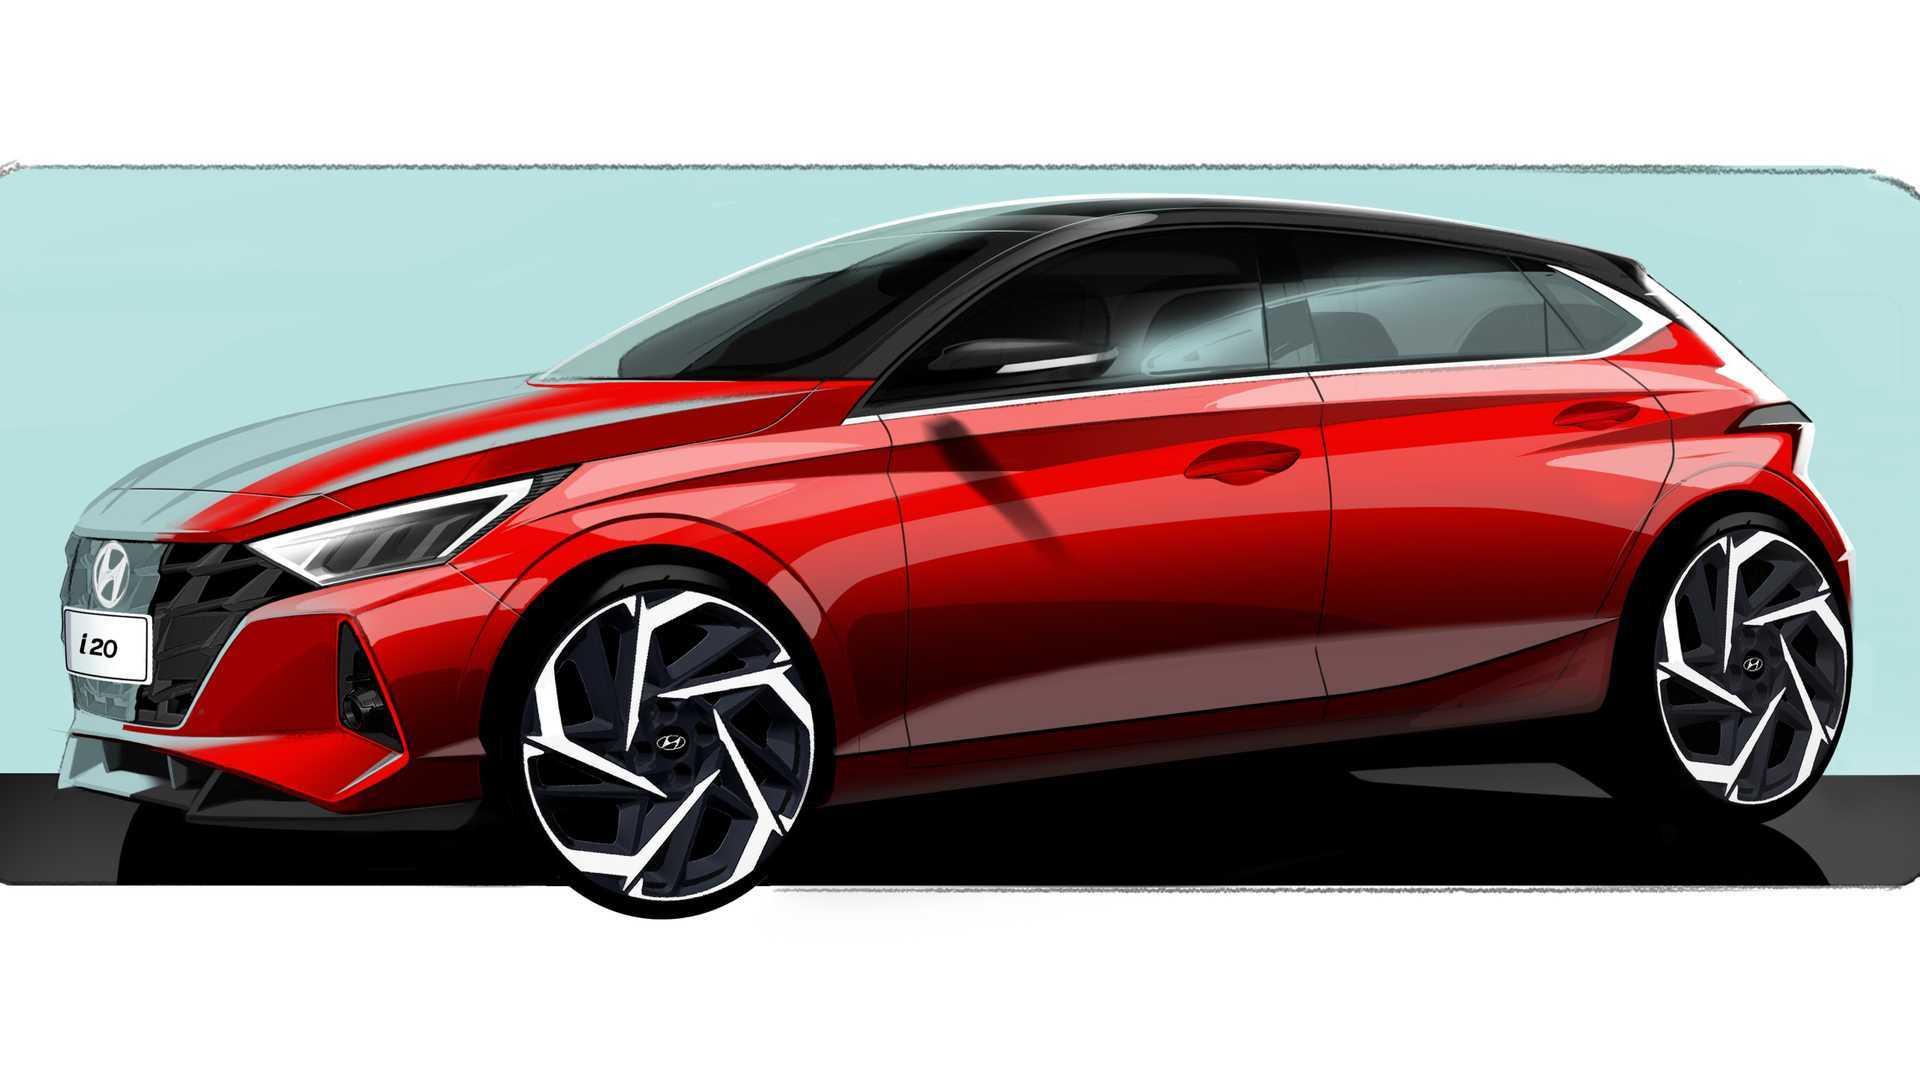 Bild 2020 Hyundai I20